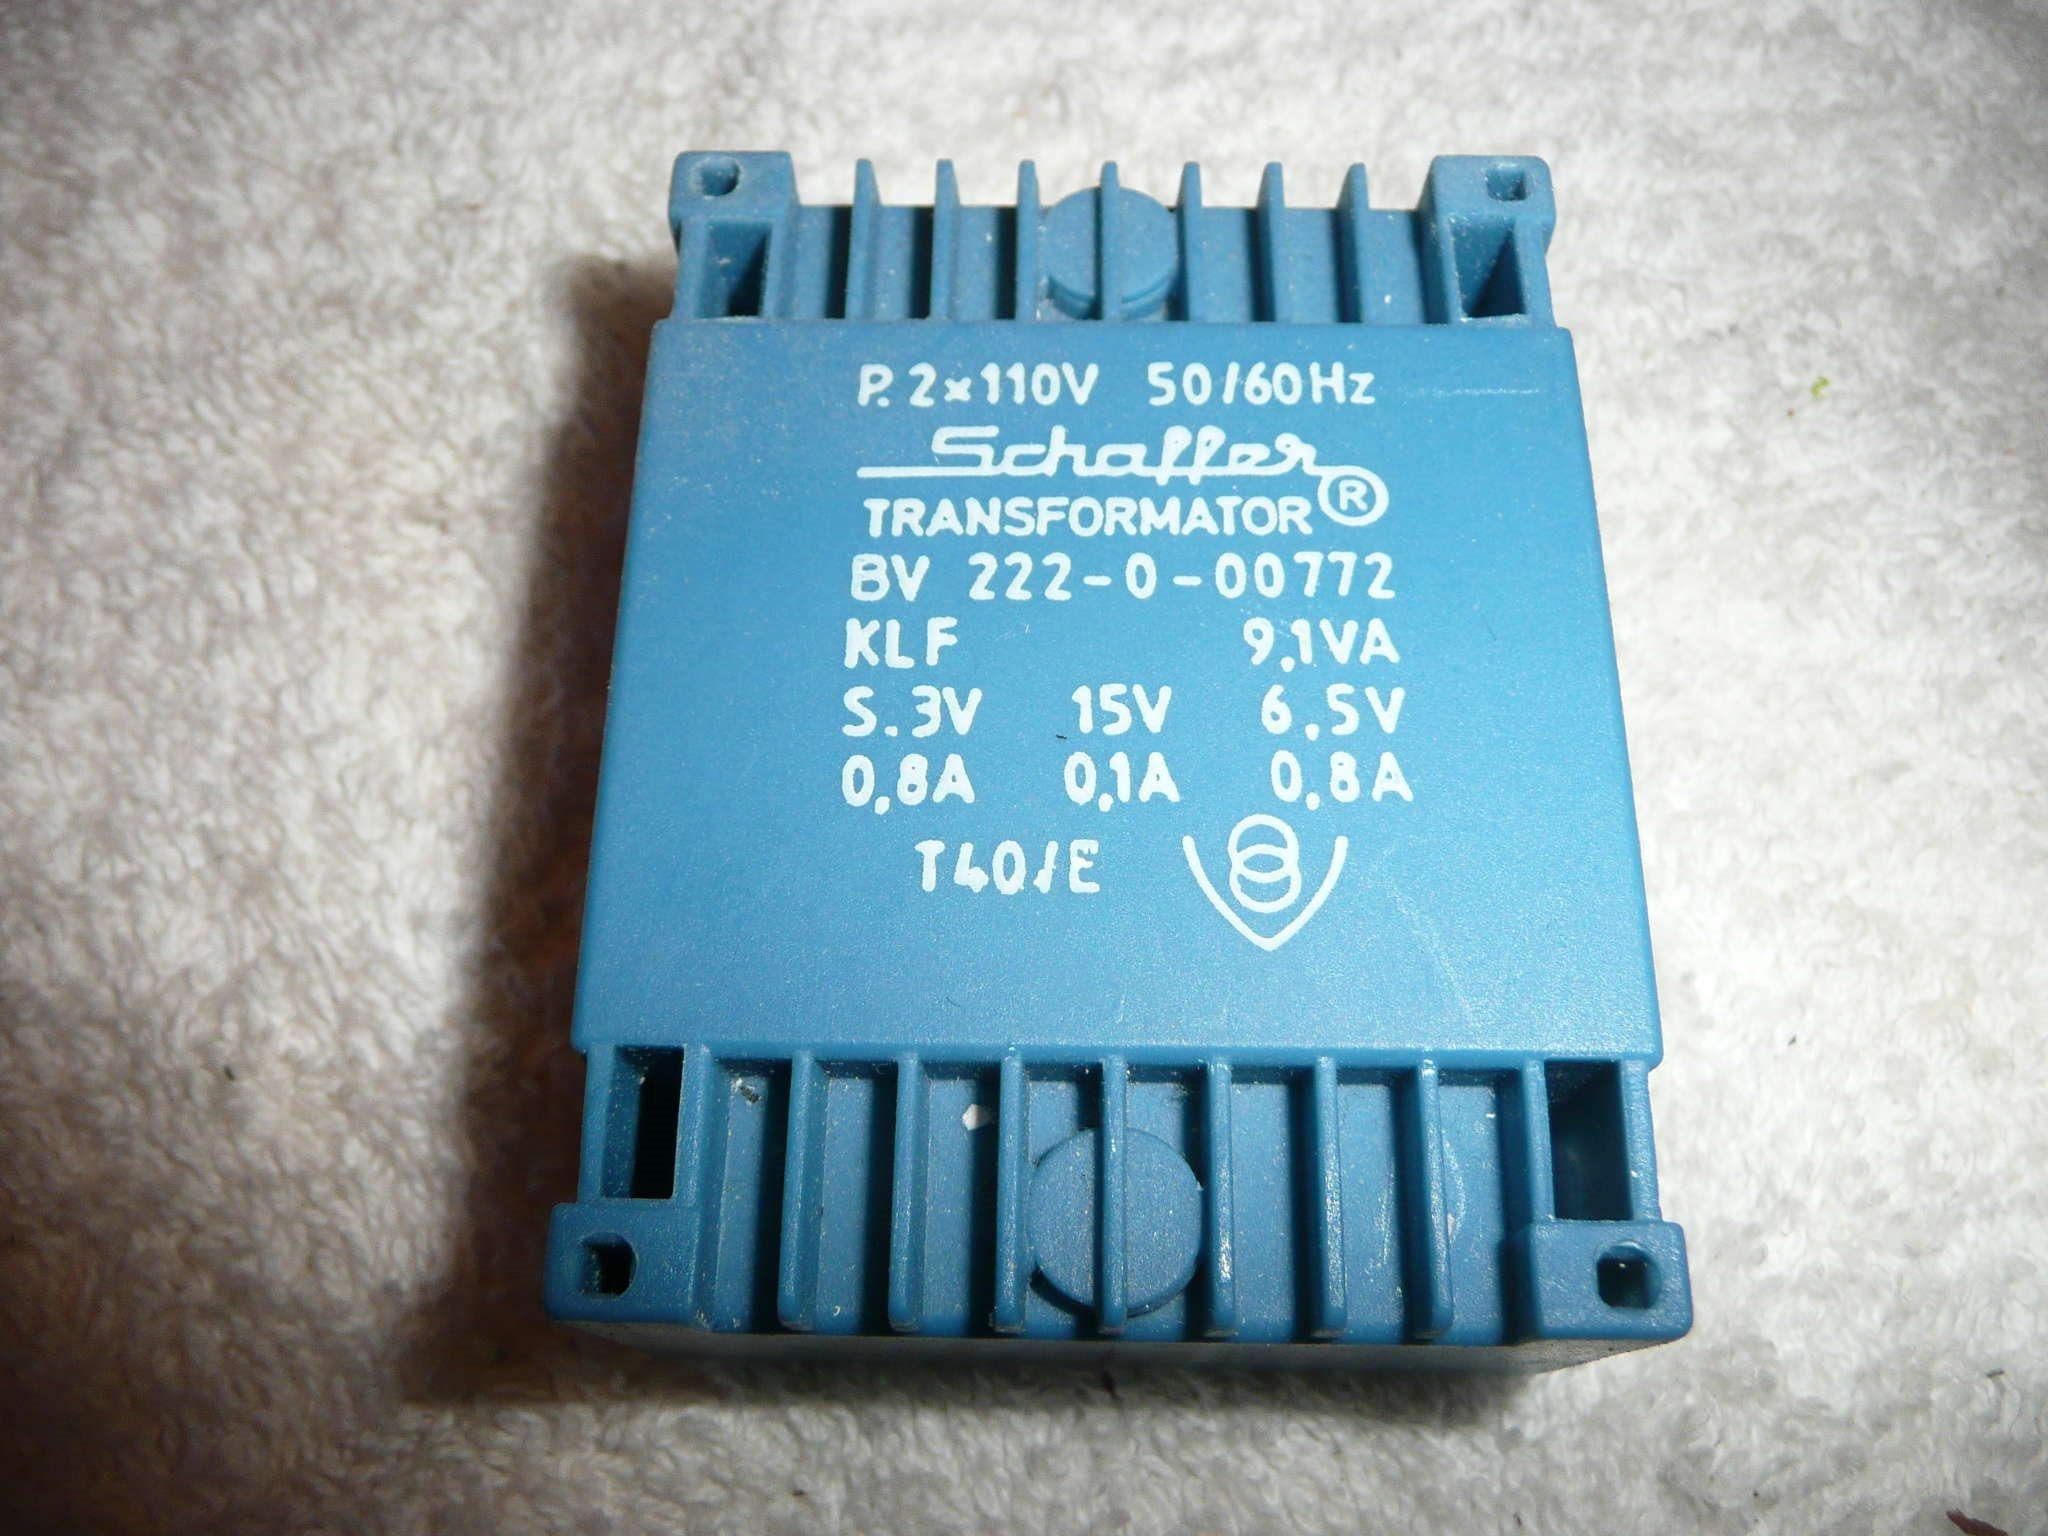 Transformator för kretskort Schaffer (323742928) ᐈ Köp på Tradera 84258e23a56af